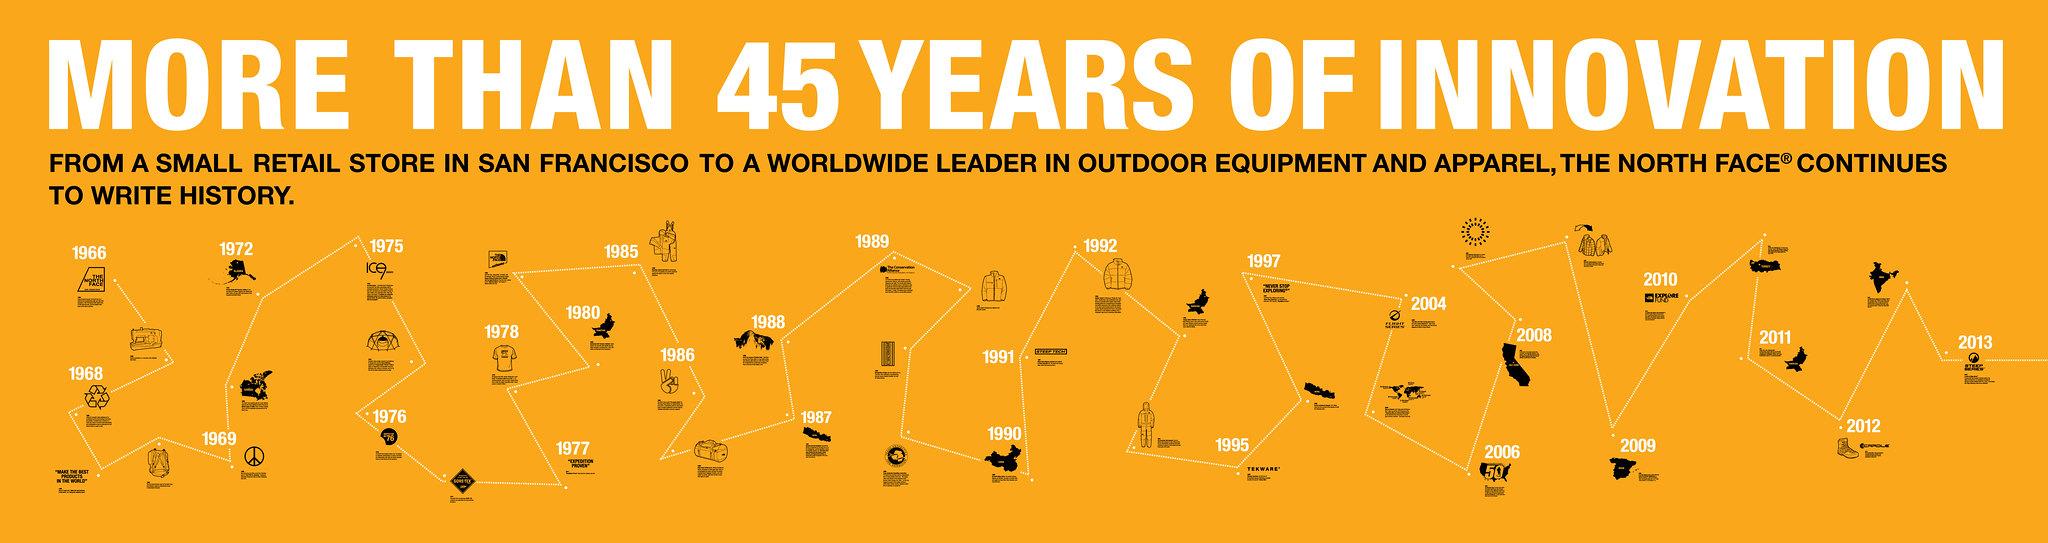 Περισσότερα από 45 χρόνια καινοτομιών μπορούμε να διακρίνουμε στο εκπληκτικό infographic της The North Face ... (κλικ για μεγέθυνση)